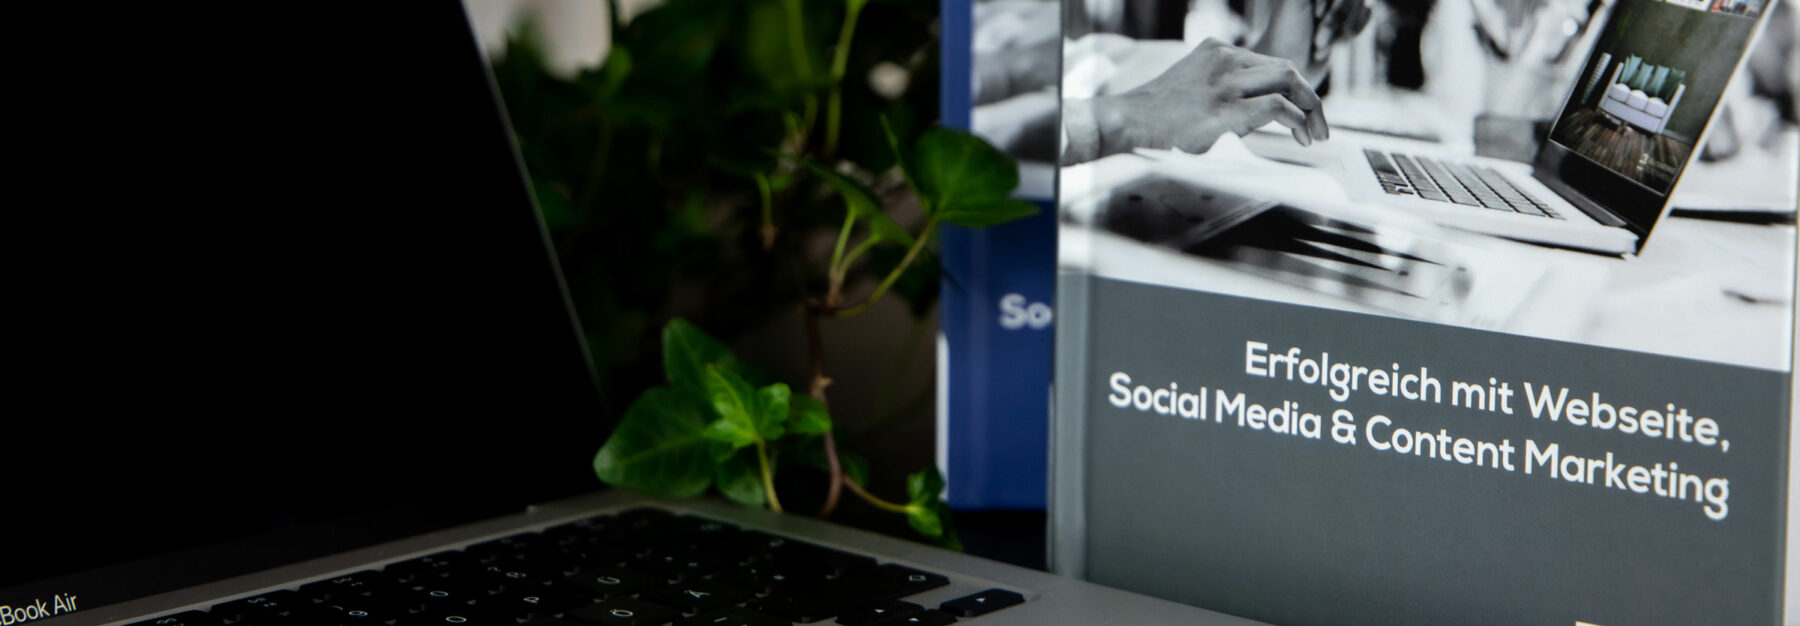 """Online-Marketing-Header: Buchcover """"Erfolgreich mit Webseite, Social Media & Content Marketing"""""""